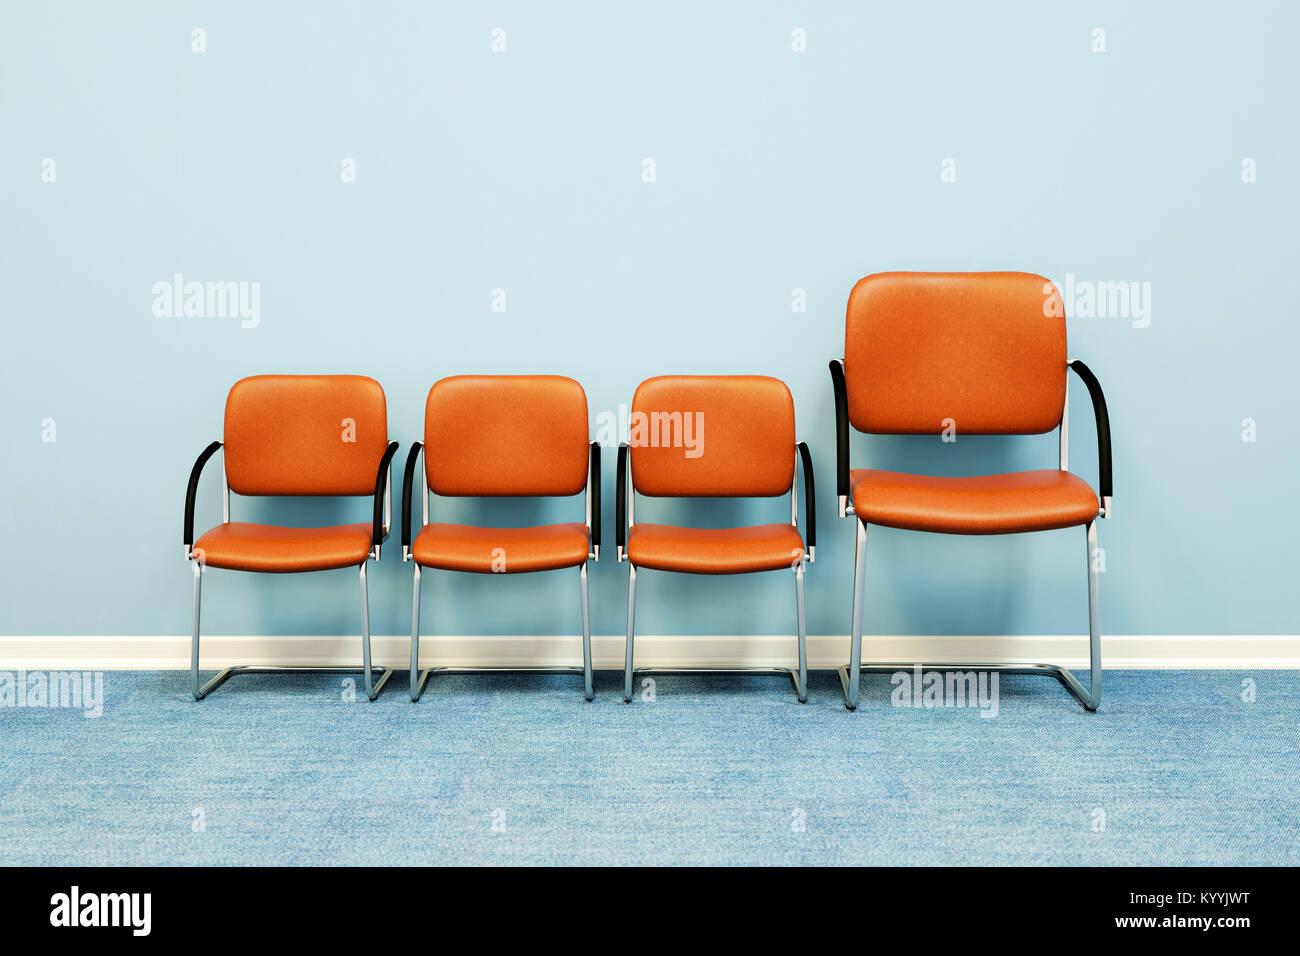 Una grande e tre piccole sedie in fila contro una parete in una stanza vuota - Concetto di immagine Immagini Stock